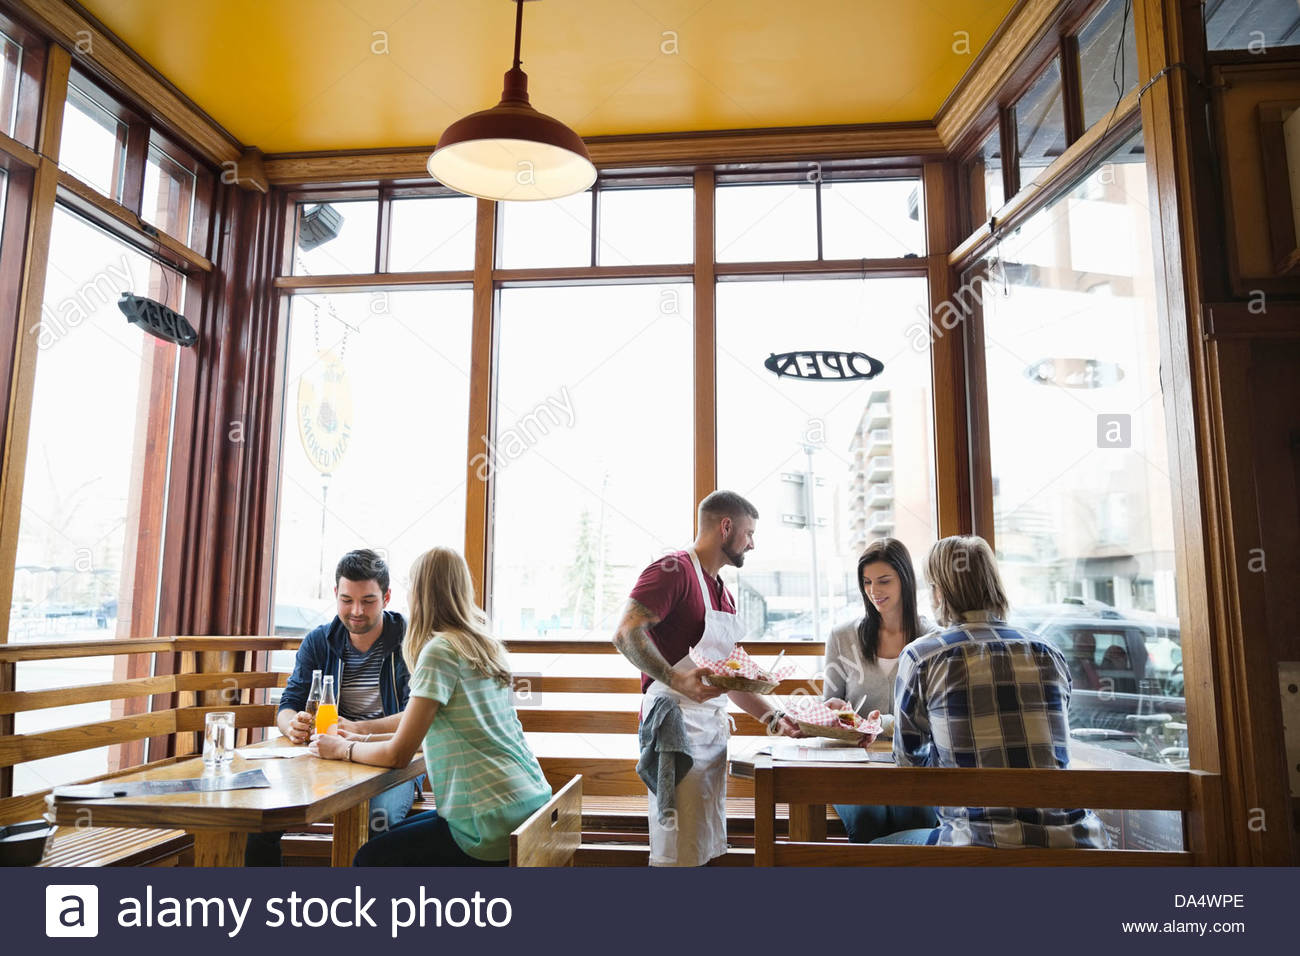 Macho propietario Deli sirve comida a los clientesFoto de stock